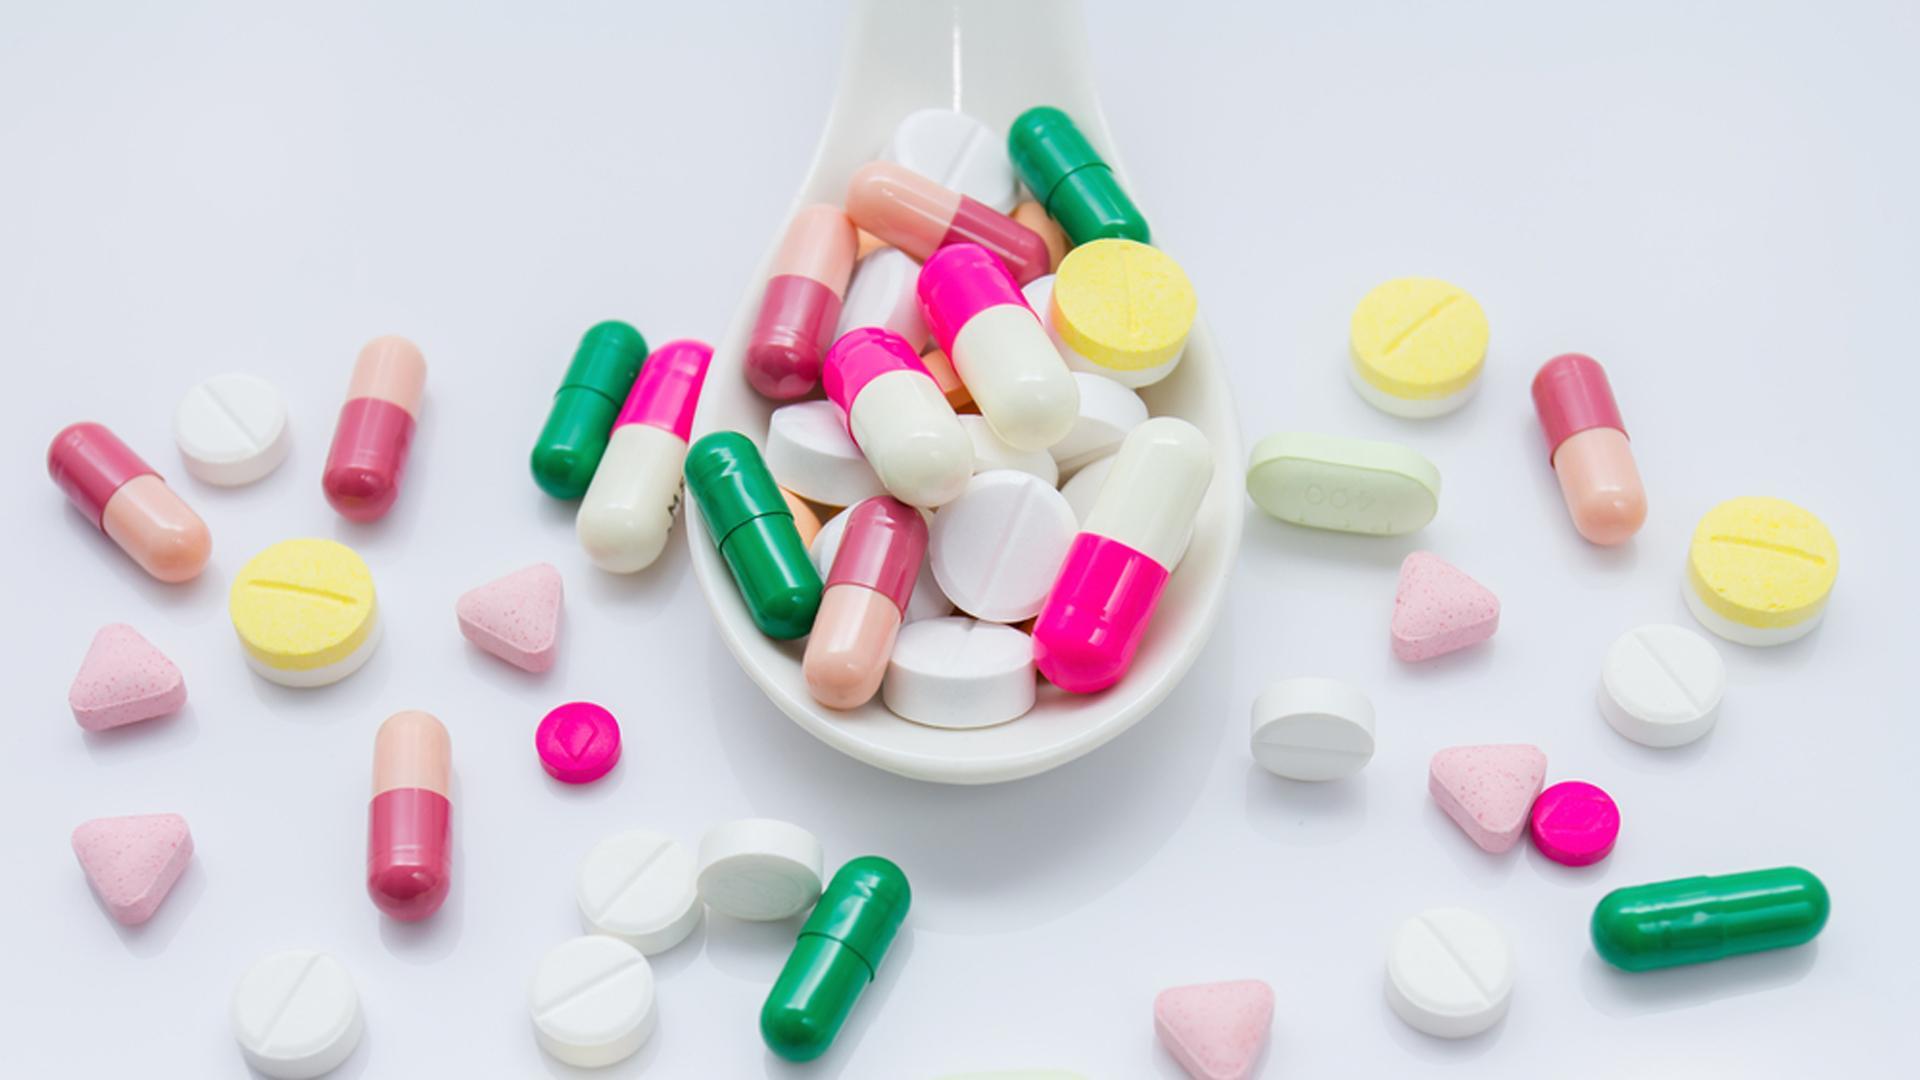 Противоаллергические препараты увеличивают риск развития слабоумия